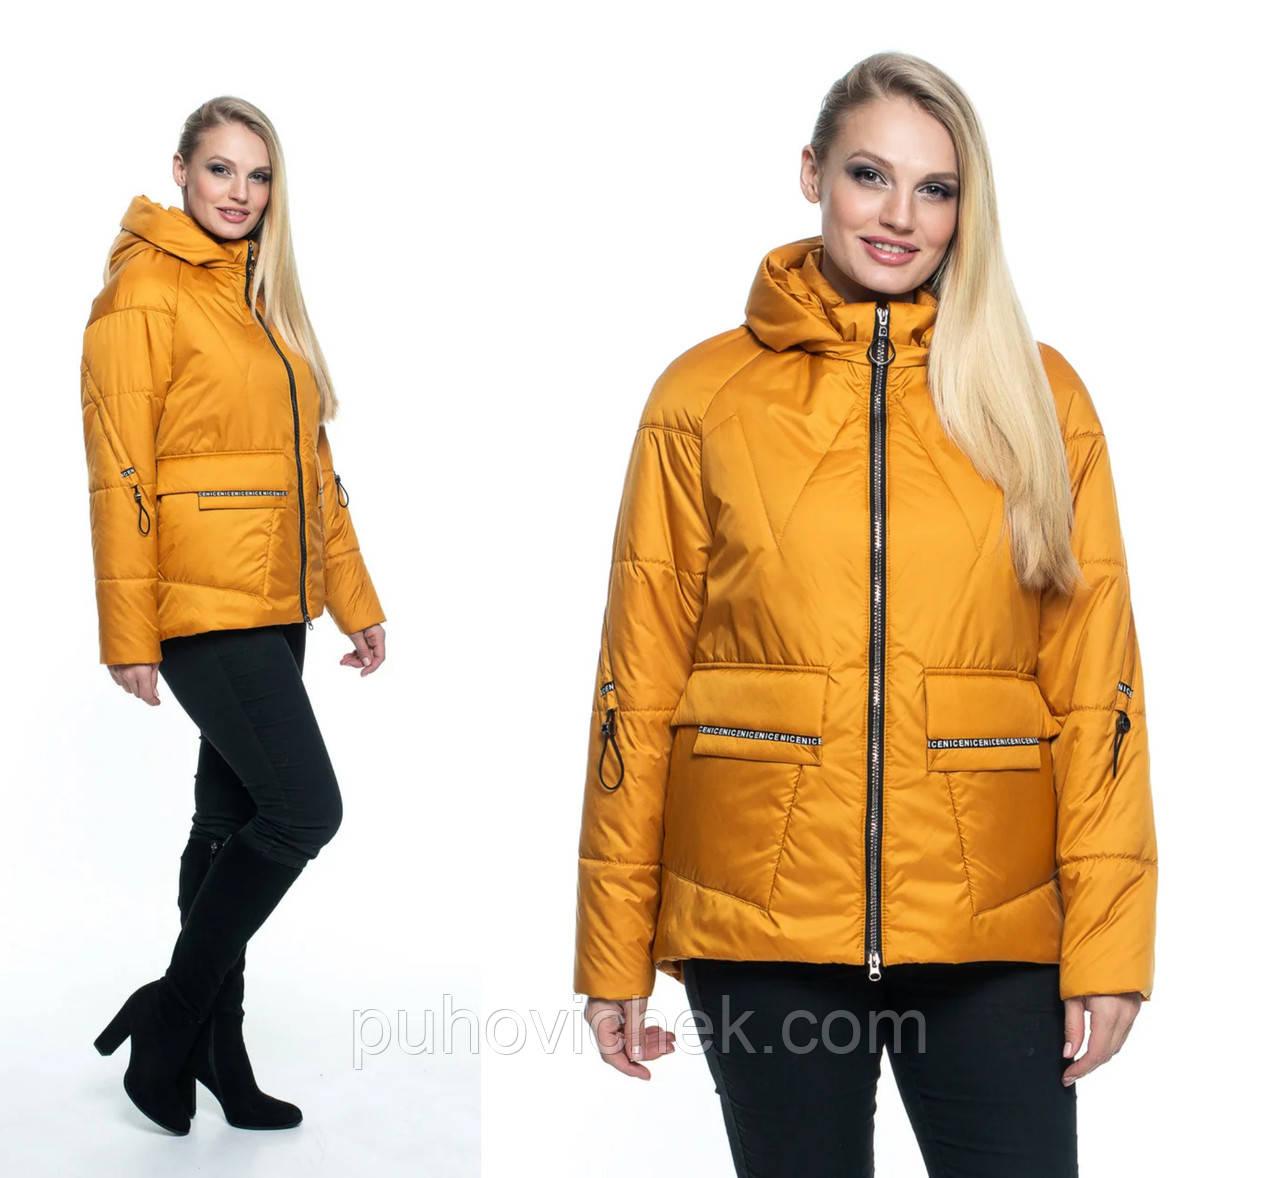 Женская куртка демисезоная с капюшоном размеры 44-56